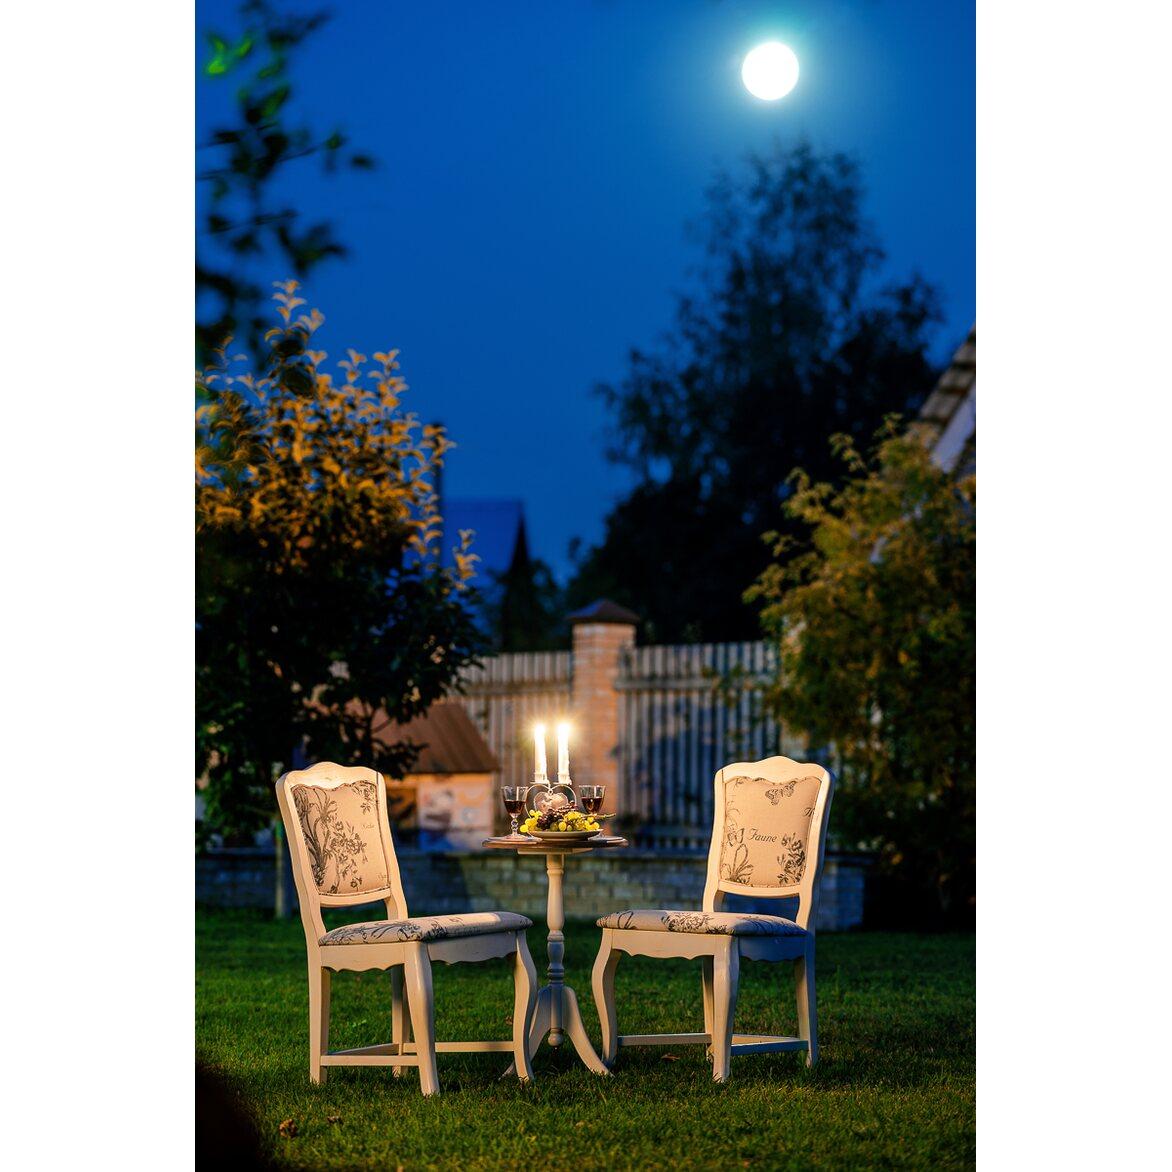 Стул Leontina с мягким сиденьем, бежевого цвета 6 | Обеденные стулья Kingsby